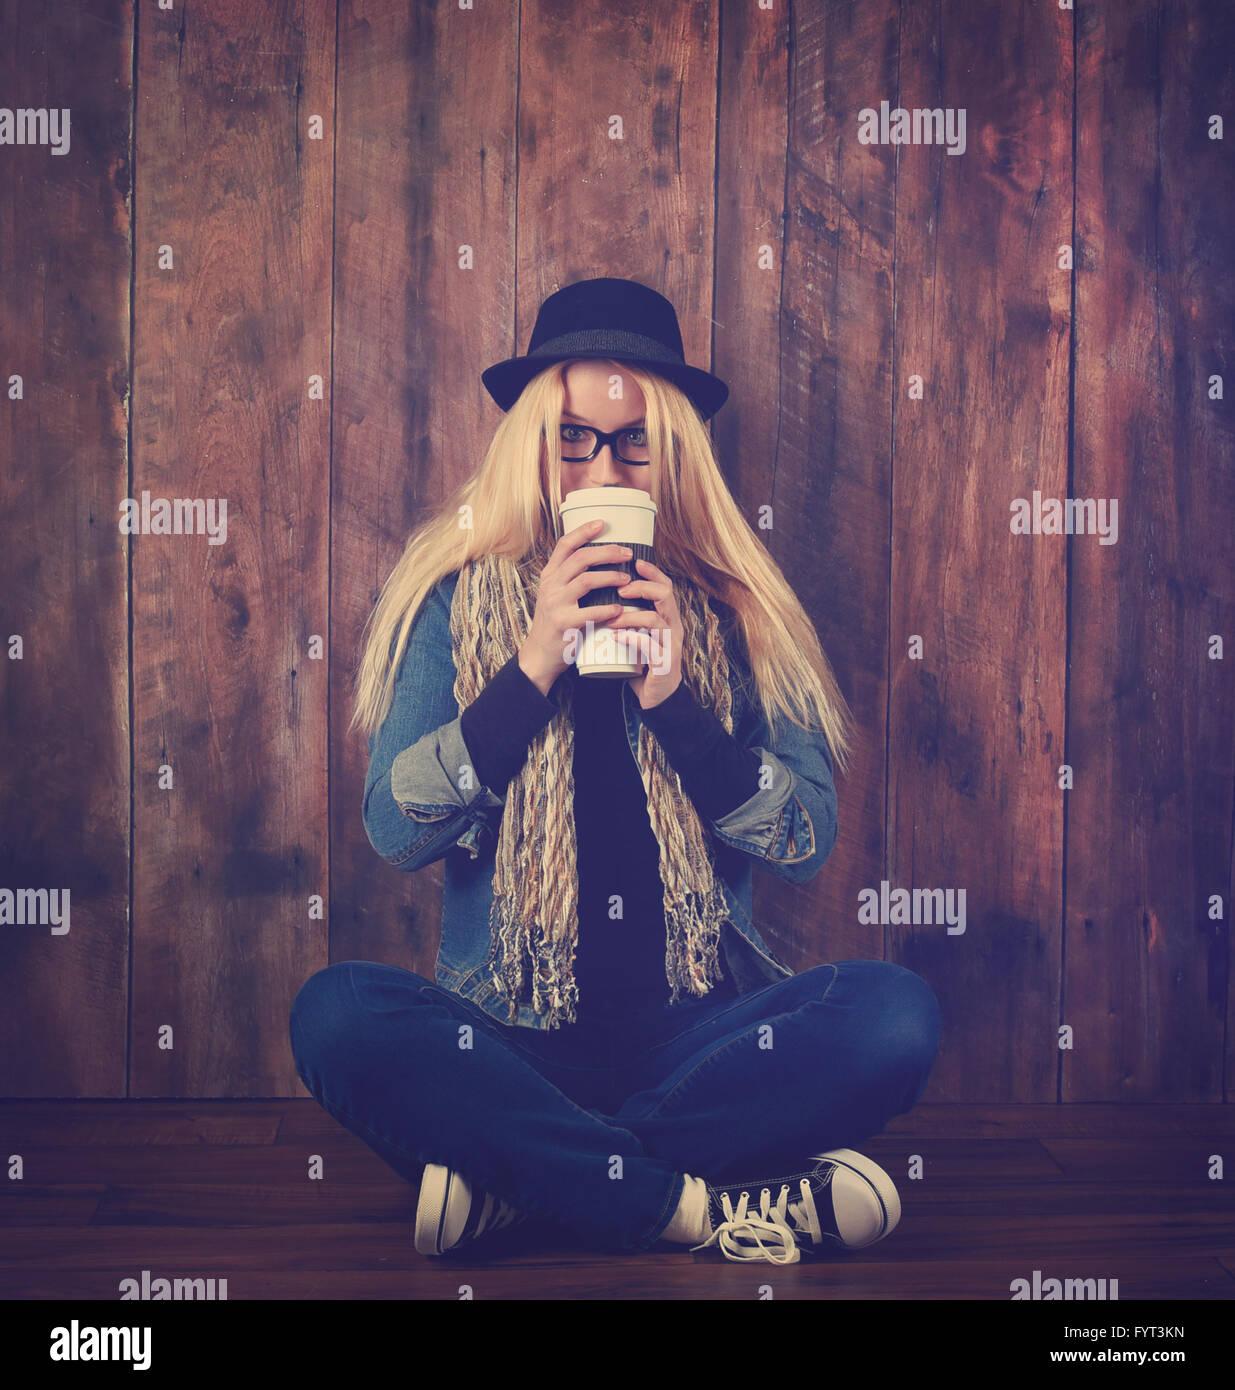 Eine junge Hipster Frau trinkt einen Kaffee trinken Holz im Hintergrund. Sie hat Gläser und einen Hut auf. Stockfoto